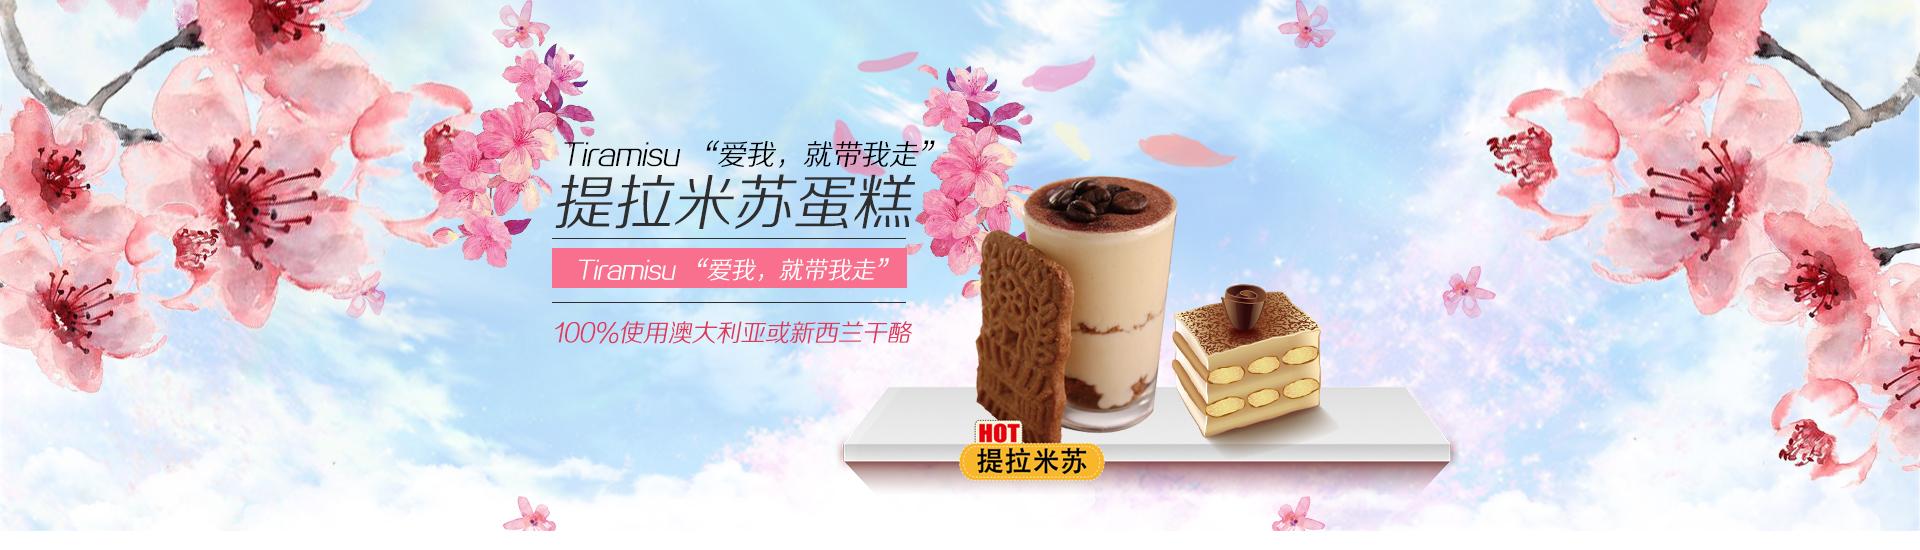 紫悦轩蛋糕